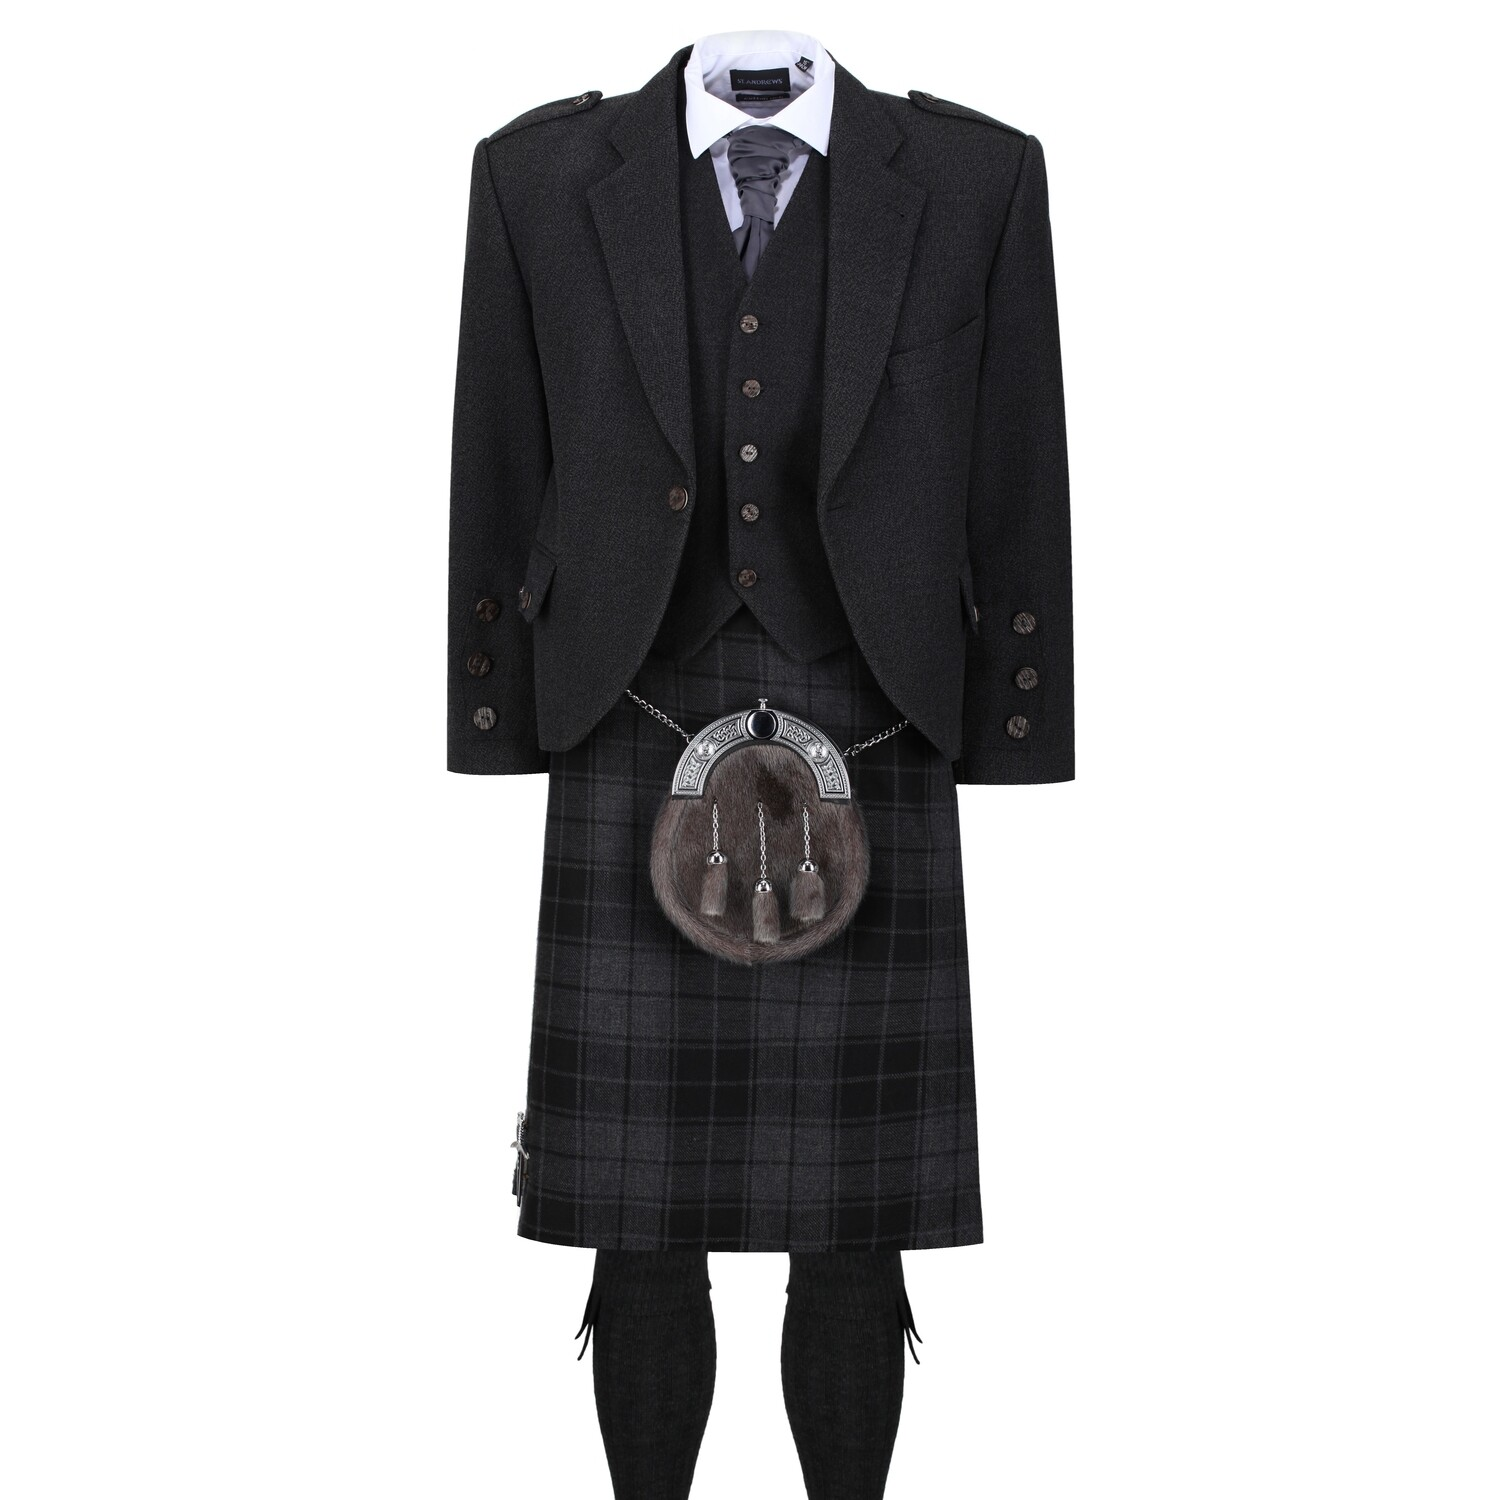 Grey Isle Kilt with Dark Grey Tweed Jacket